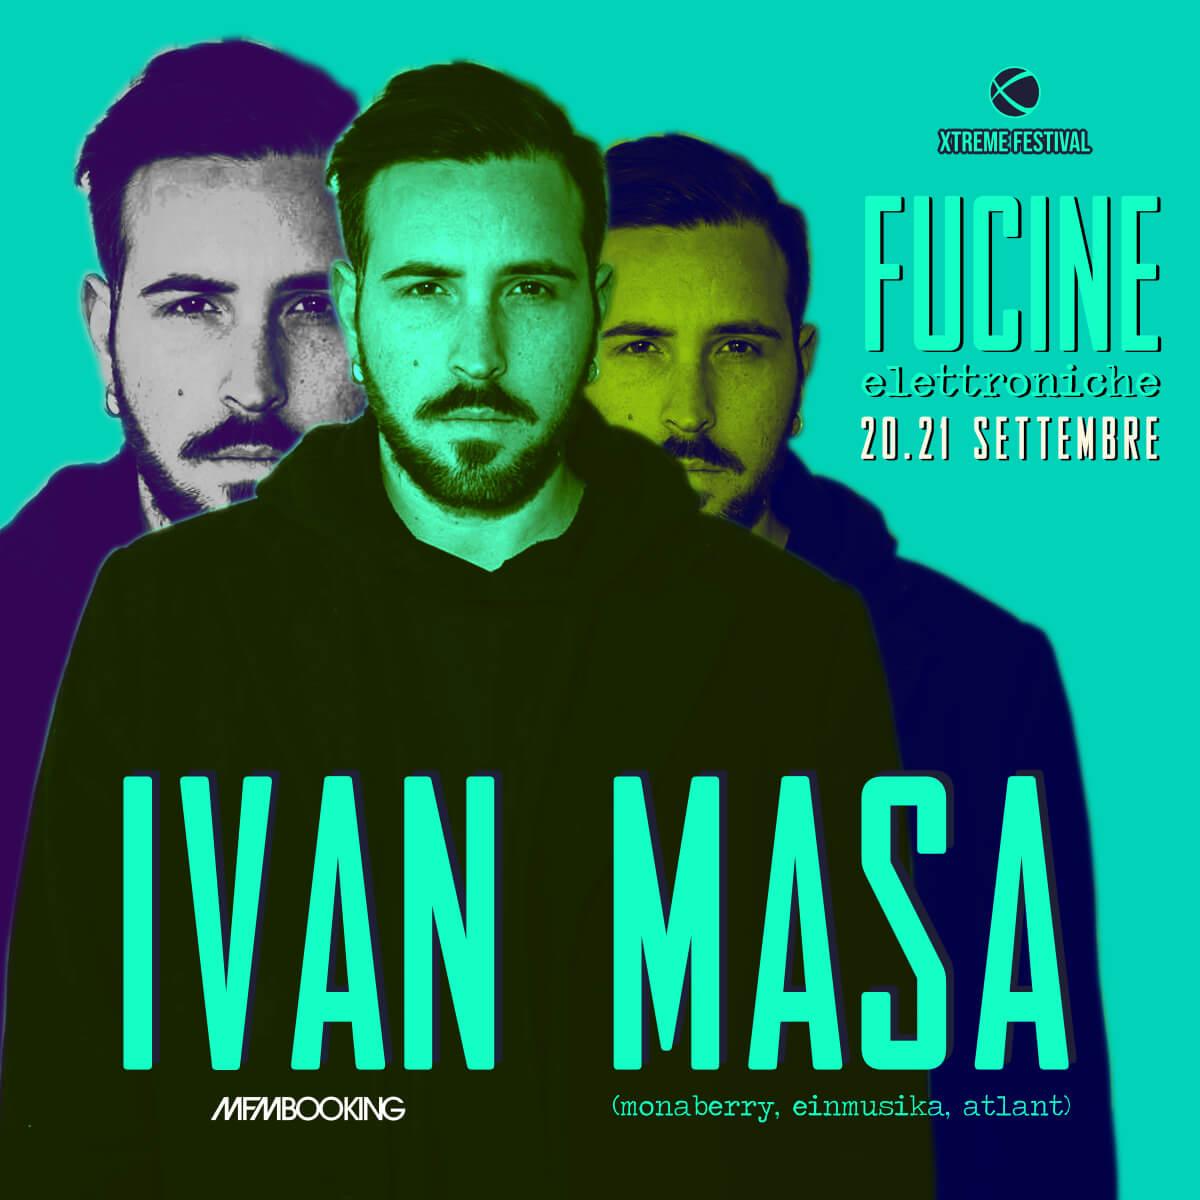 Ivan Masa - Fucine Elettroniche Belluno - Xtreme Festival